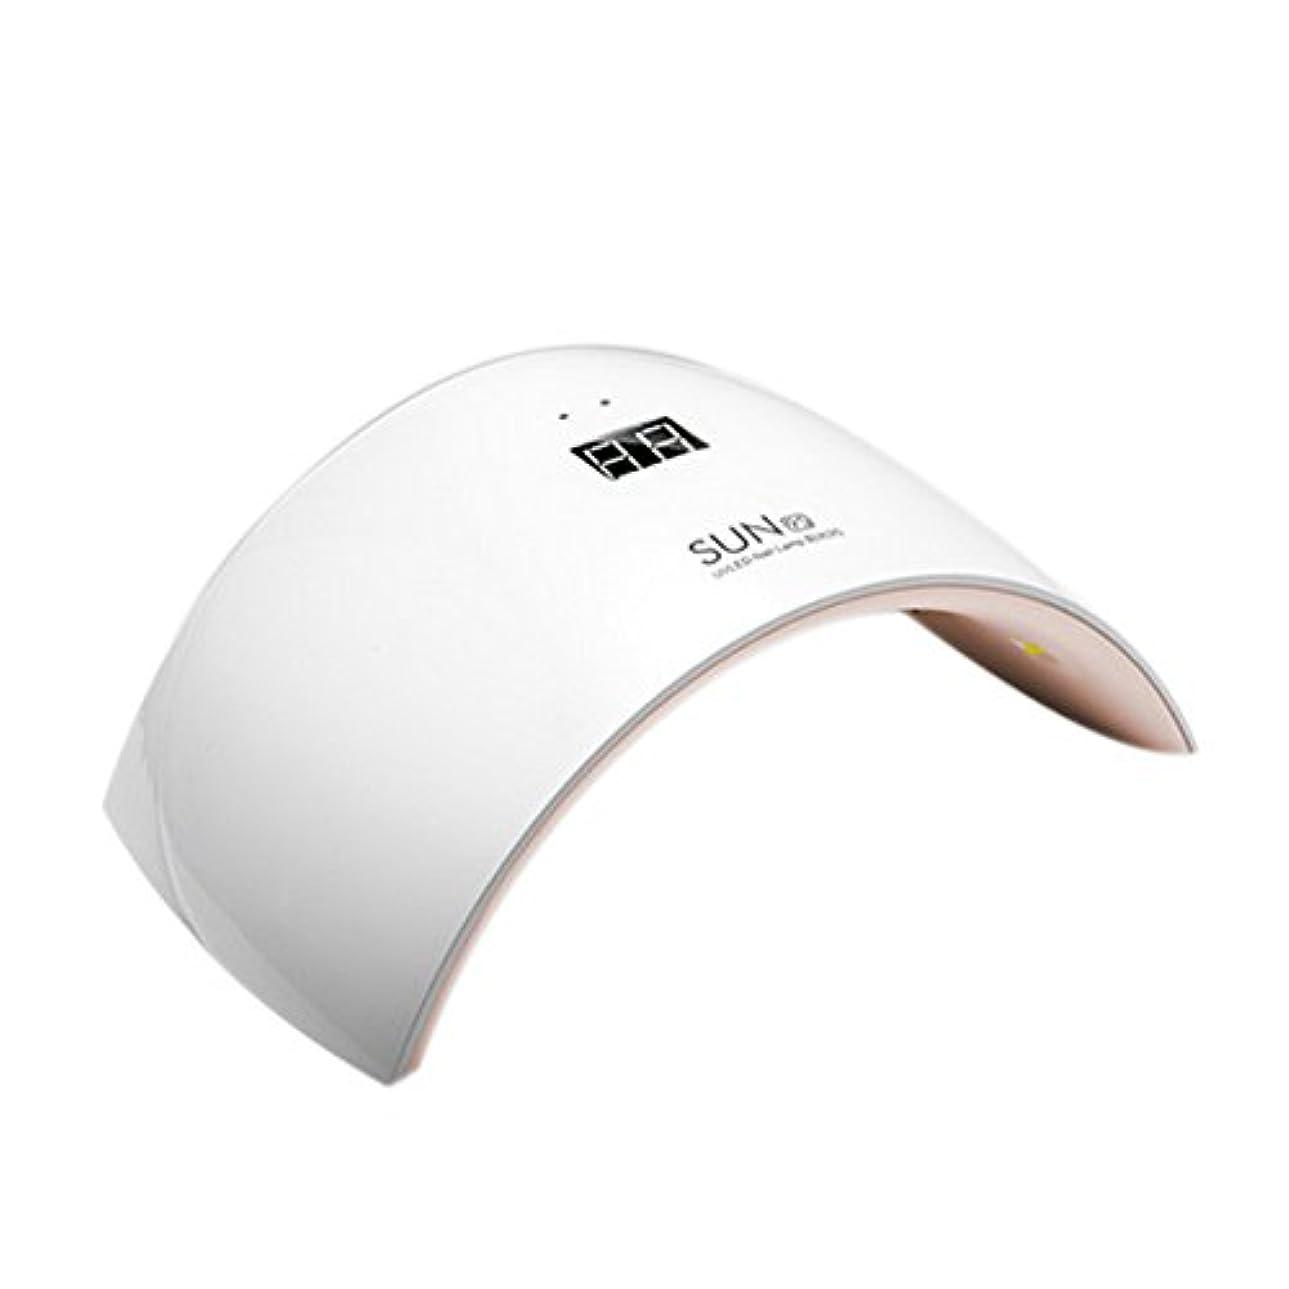 法令顧問促進するSymboat ネイルアートツール 24W ネイルドライヤー ライト付き ボトム液晶 ディスプレイ 硬化用UVライト led ランプ爪トゥール ネイルジェル ベース ポリッシュ 4段階タイマー設定時間設定10S/30S/...